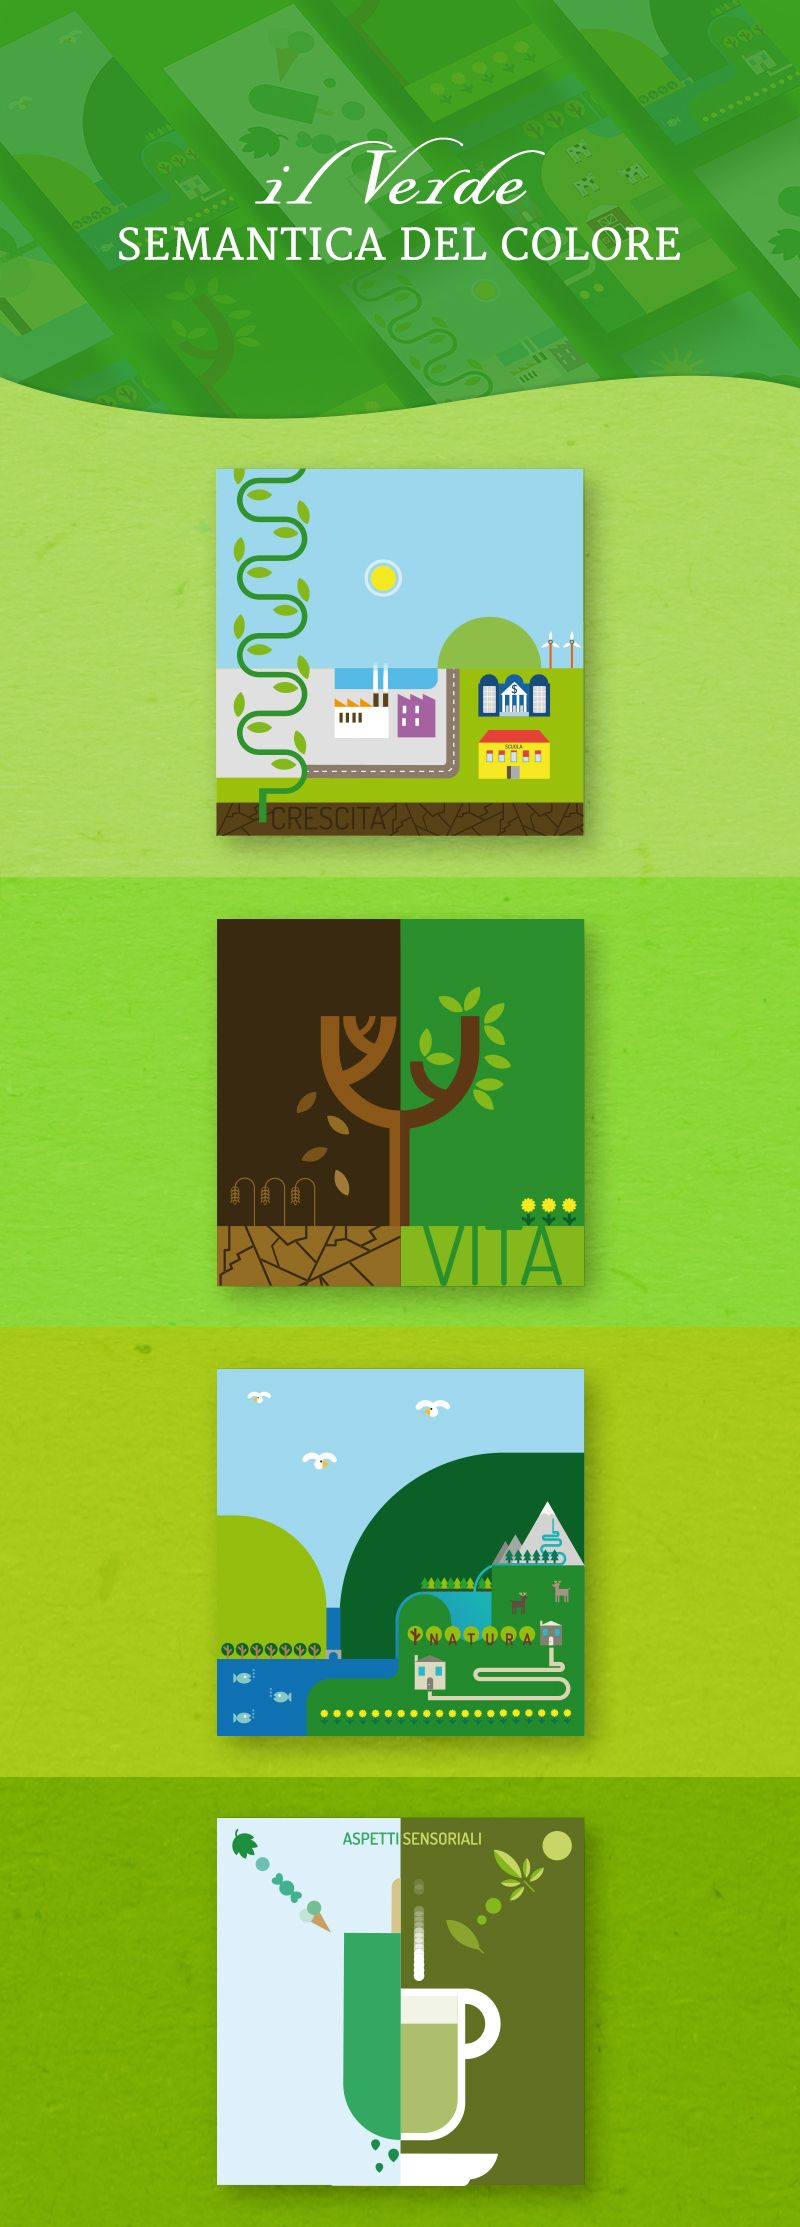 Semantica del Colore Verde